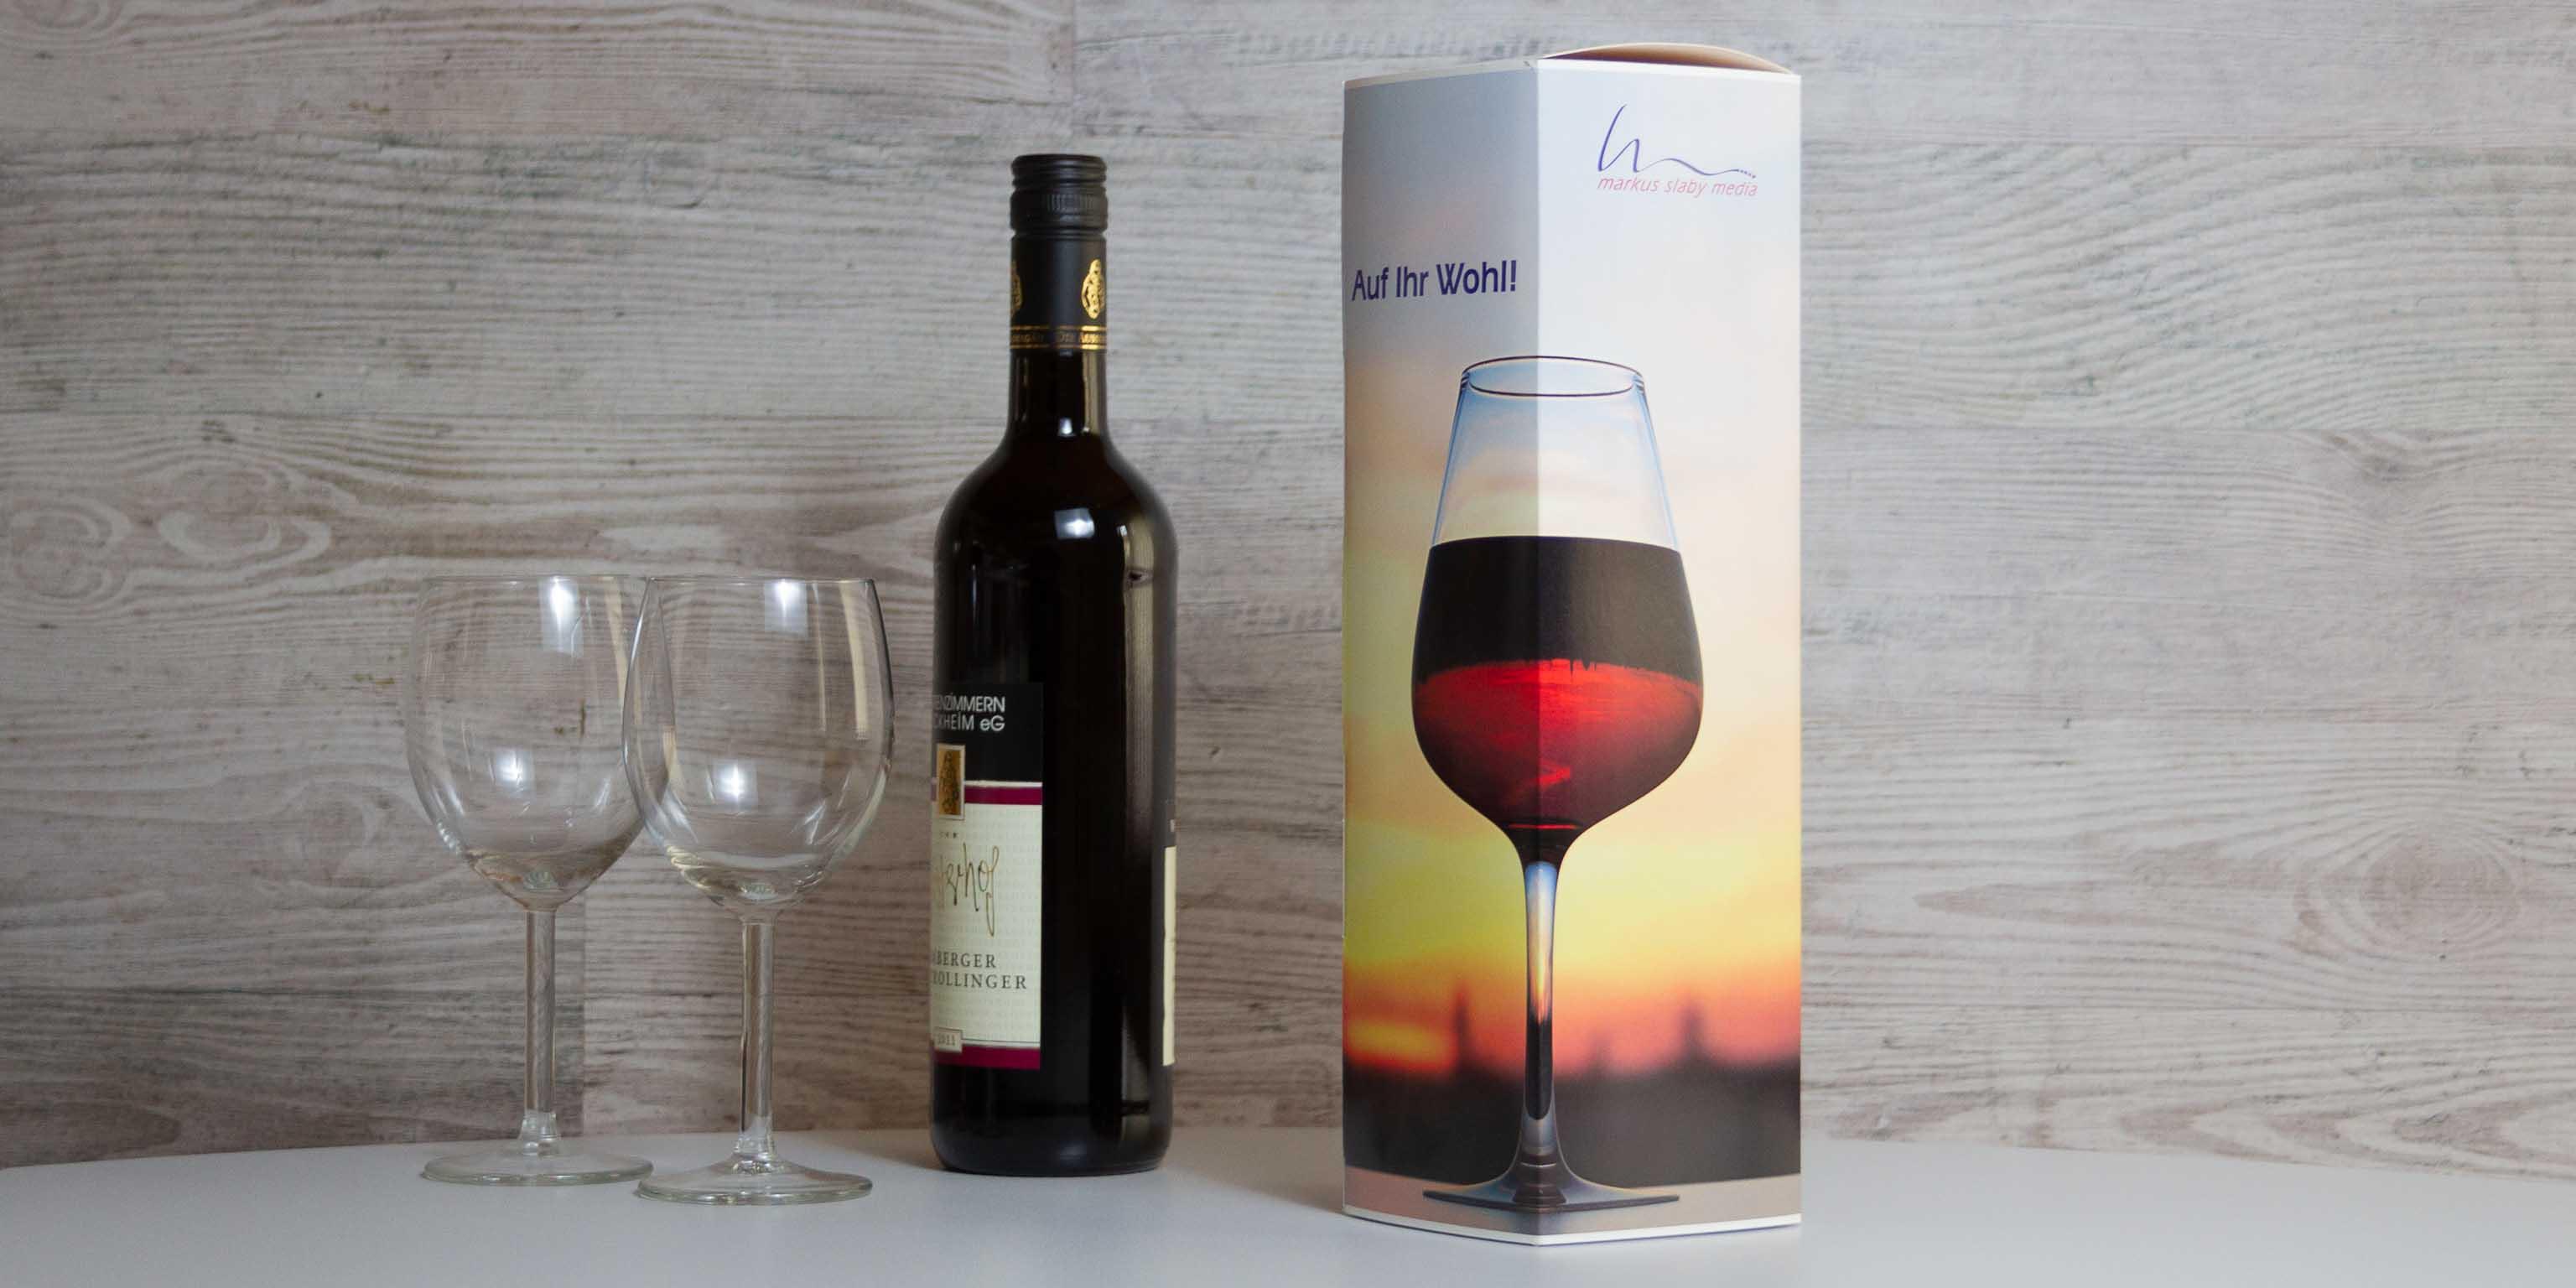 Individuell bedruckte Flaschenverpackung mit Weinflasche und 2 Weingläsern